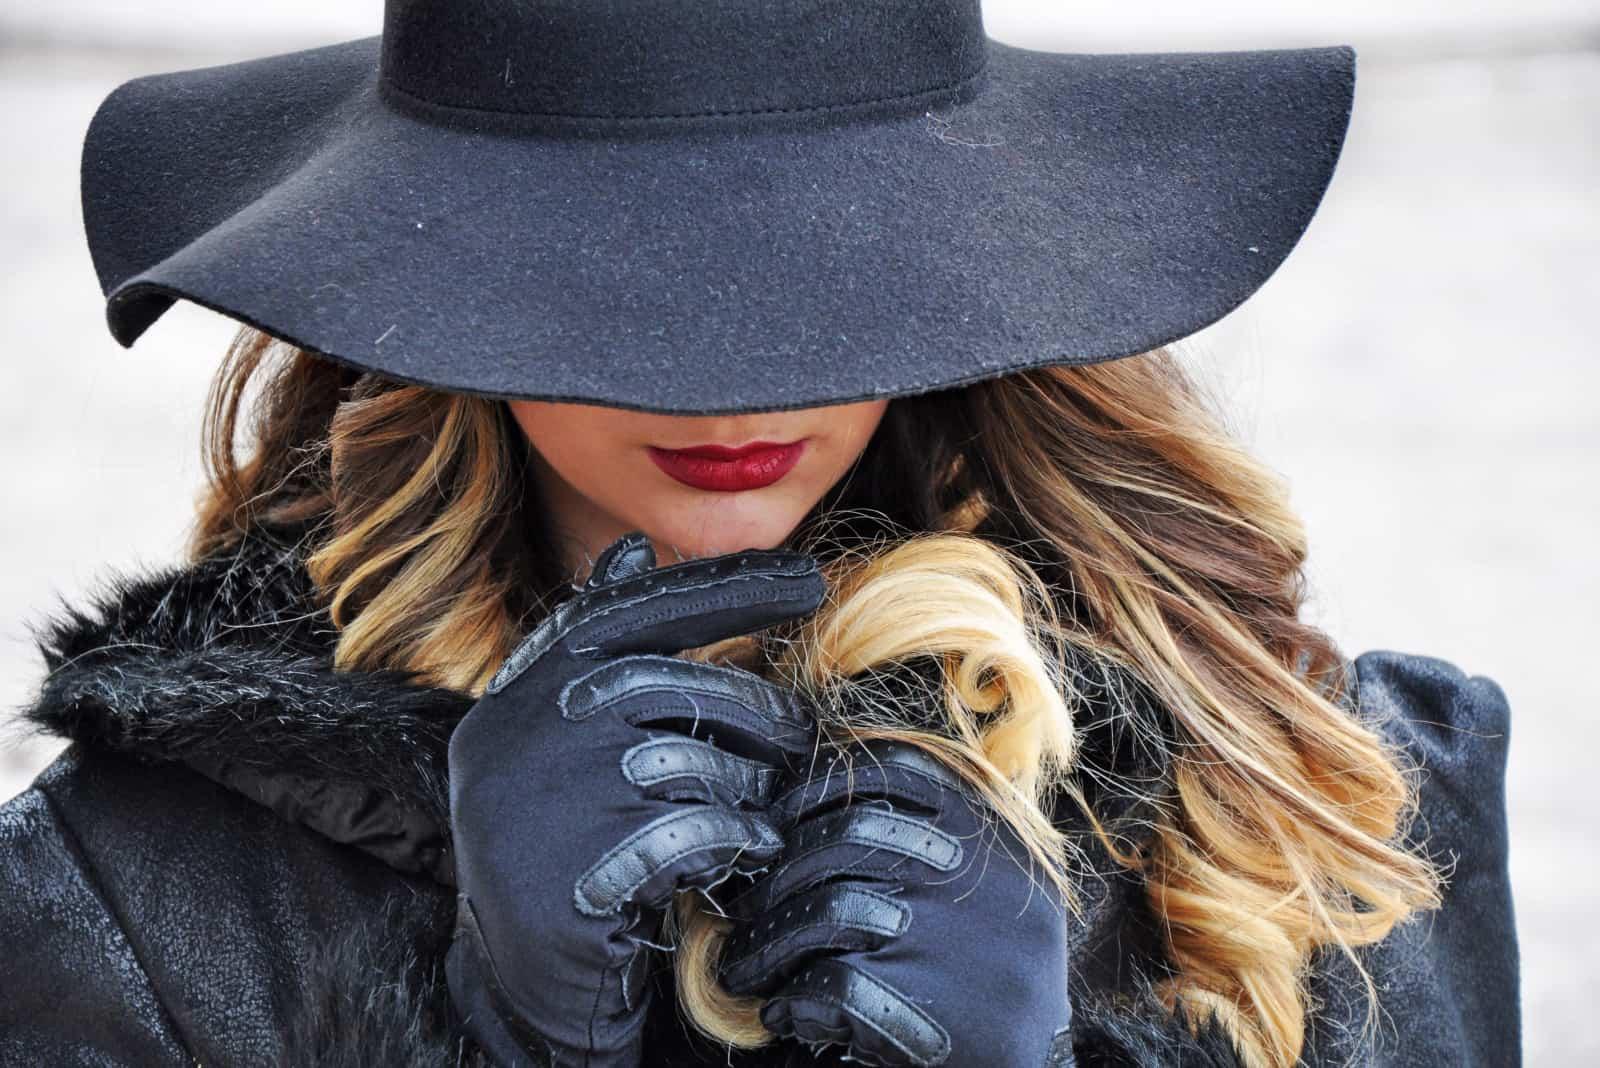 eine mysteriöse Frau in Schwarz